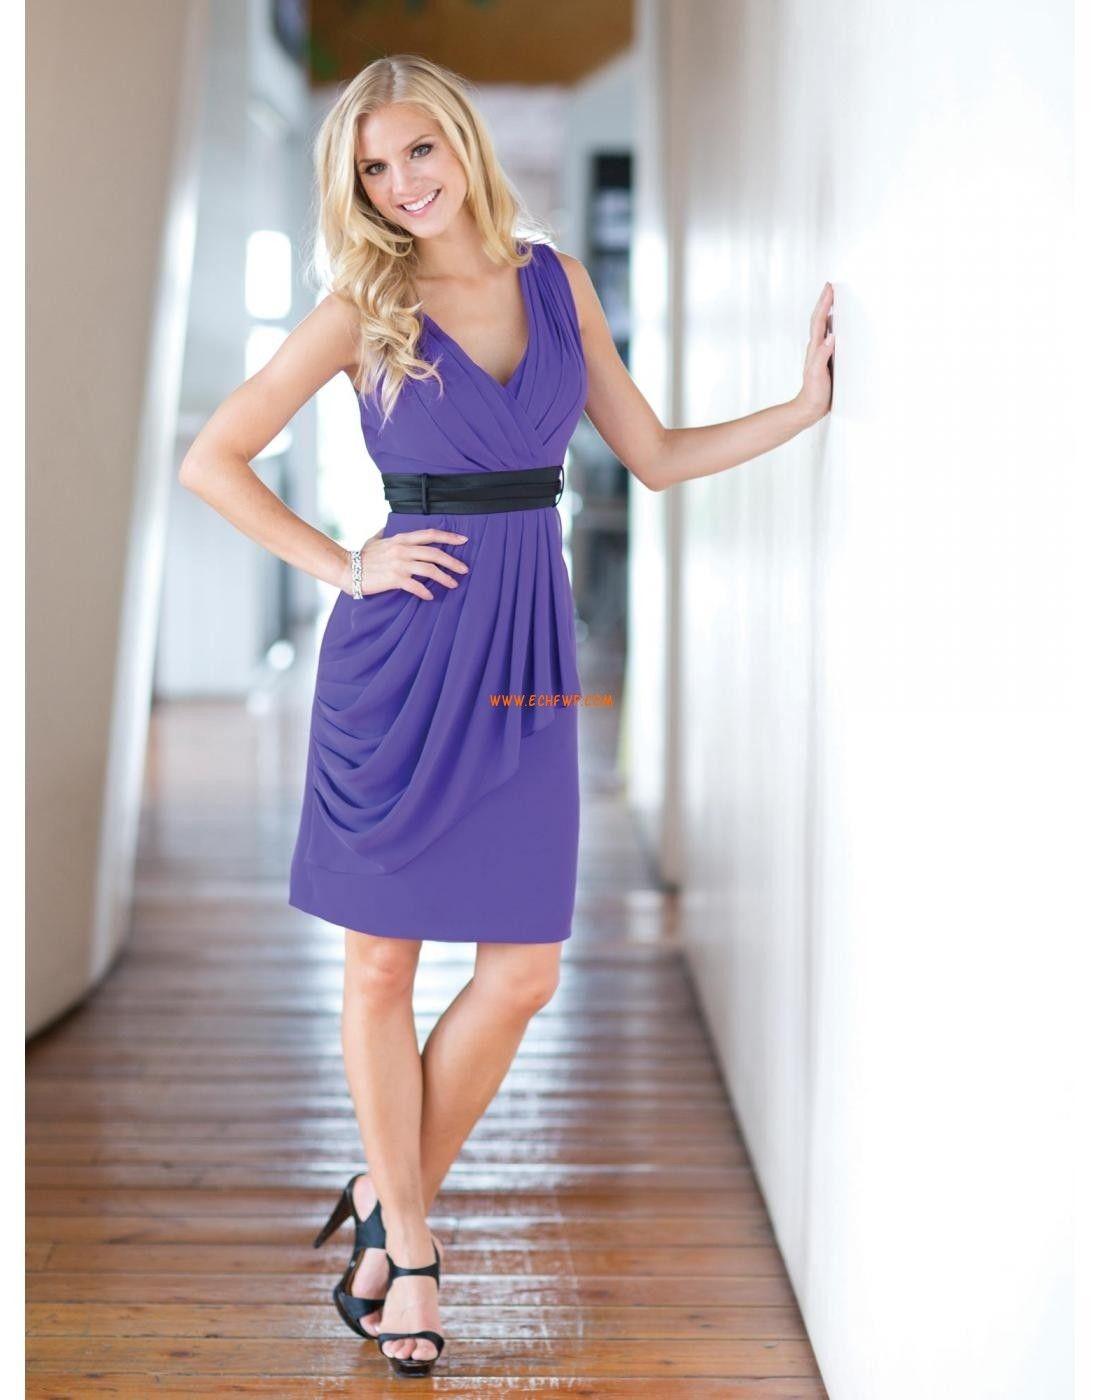 mini Kleine schwarze Kleider PROMI-STIL Abendkleider 2014 stil+abend $258.98  Abendkleider 2014